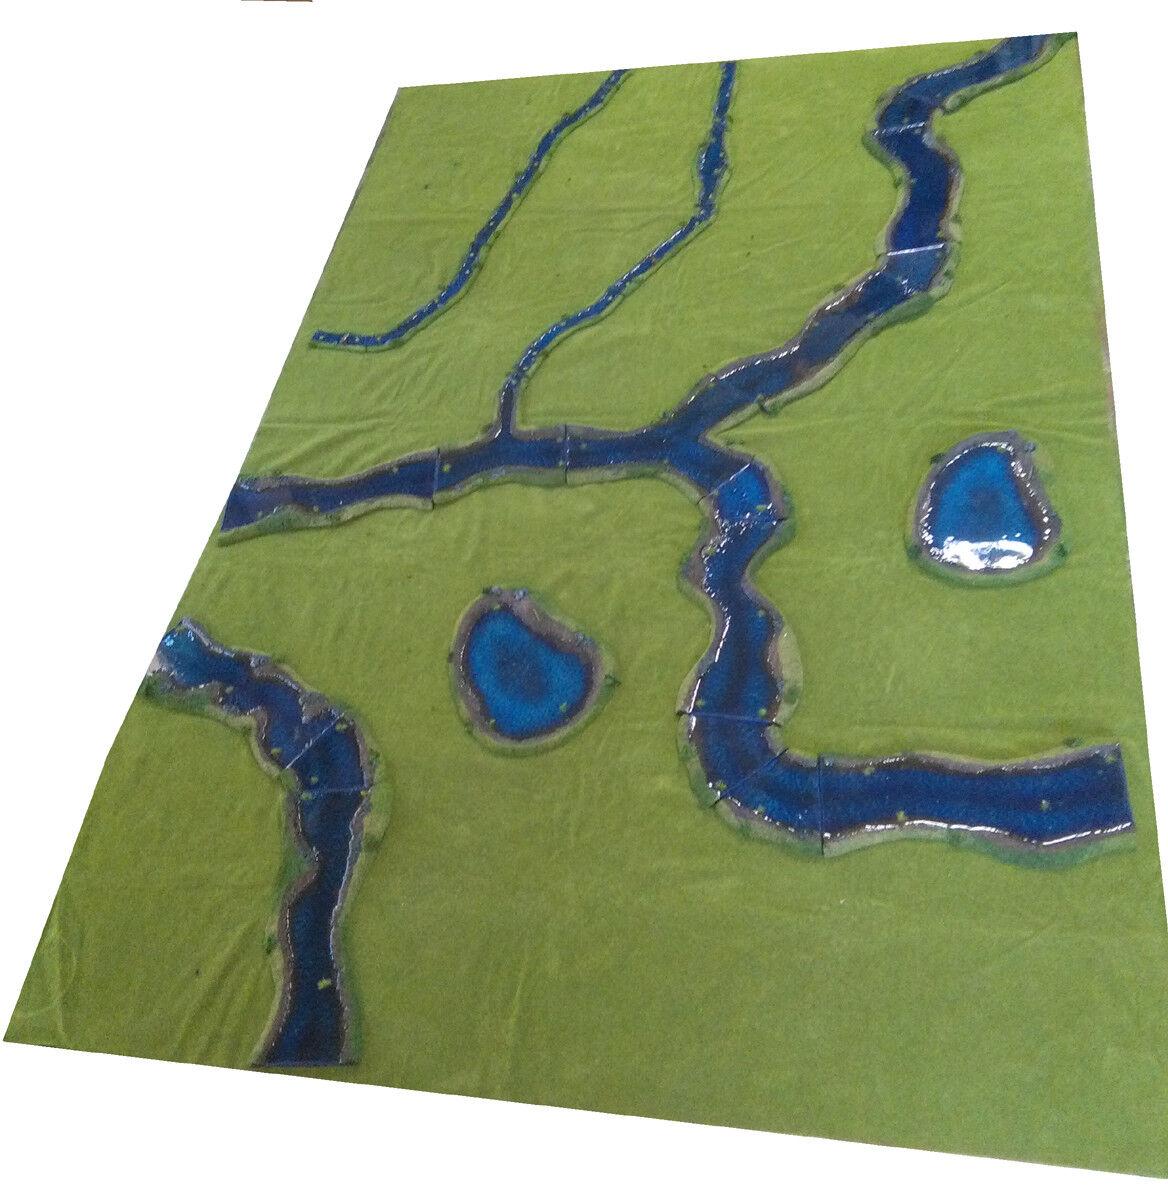 costo real Set terreno agua pintado de lujo lujo lujo 15-28mm - 30 - 48x72  mesa para los artículos  bienvenido a elegir